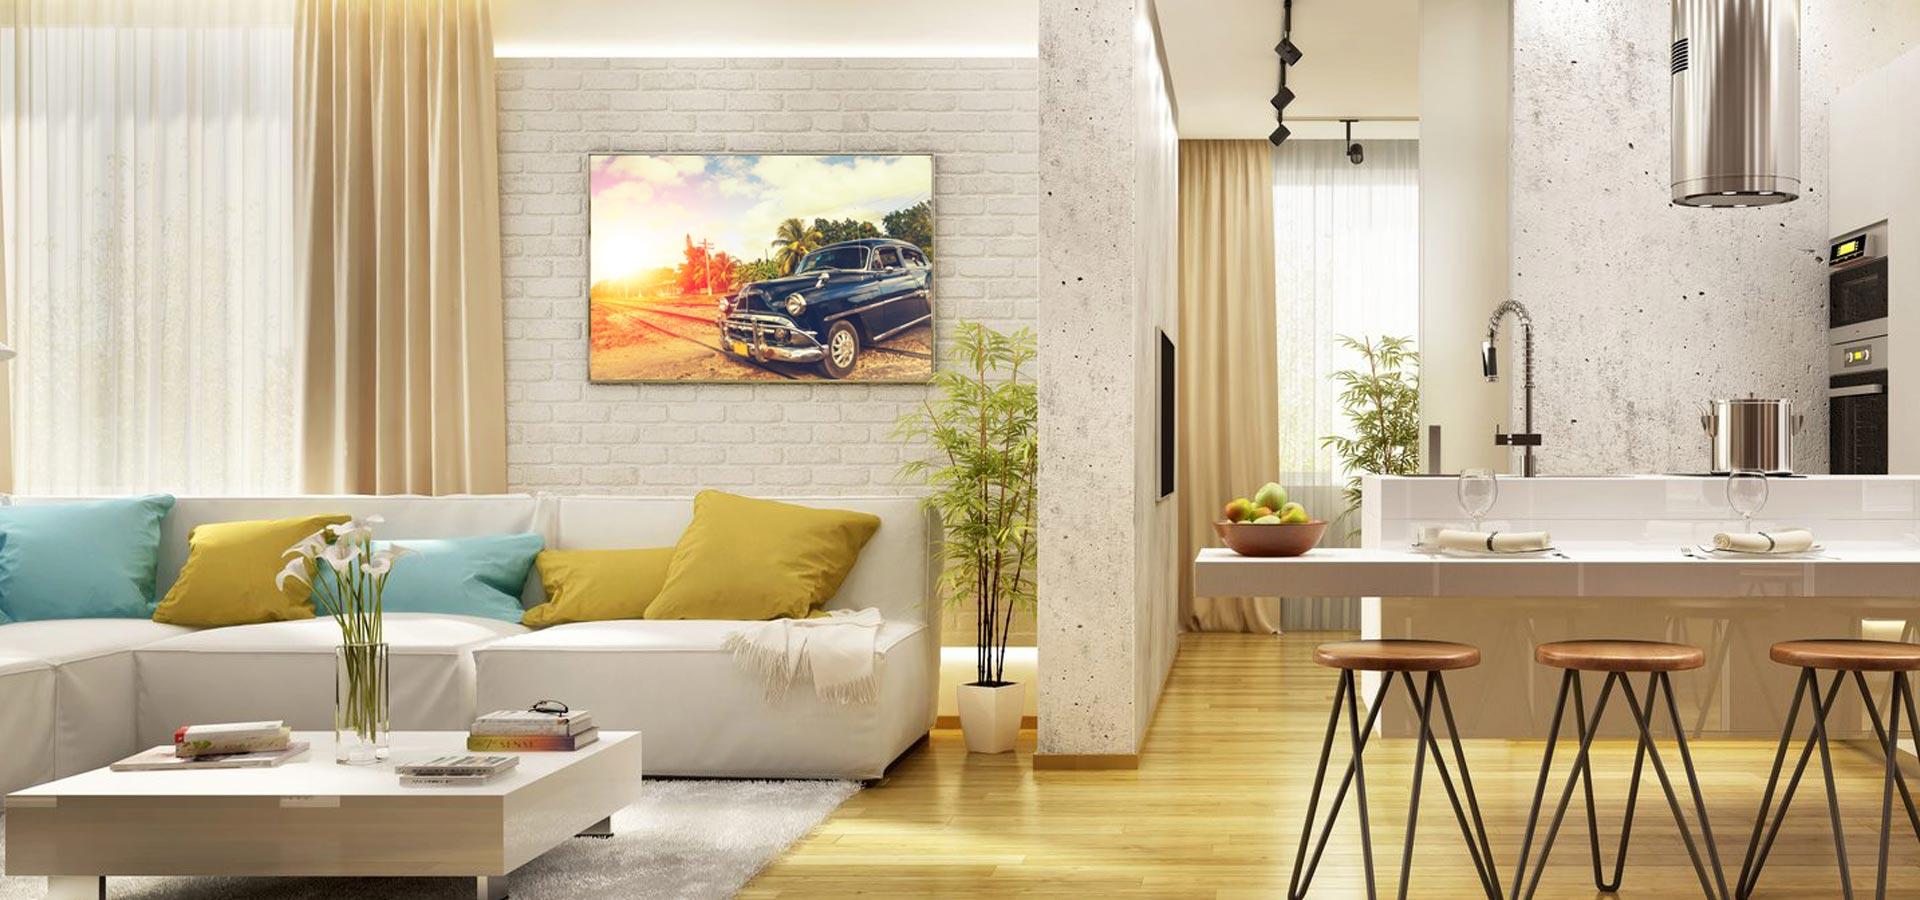 Infrarotheizungen mit Bilddruck in einem Wohnzimmer